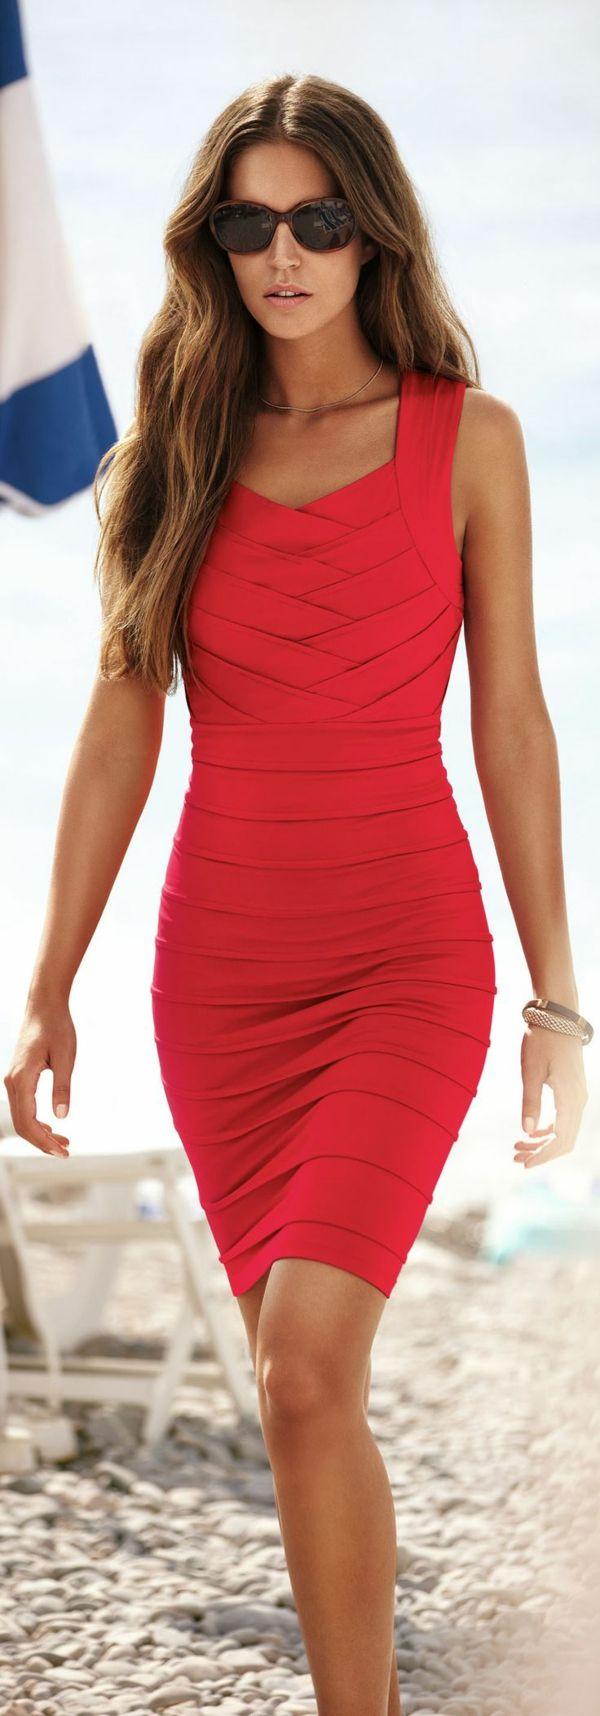 trendsfarben partykleider rot körperbetonend | Kleider | Pinterest ...